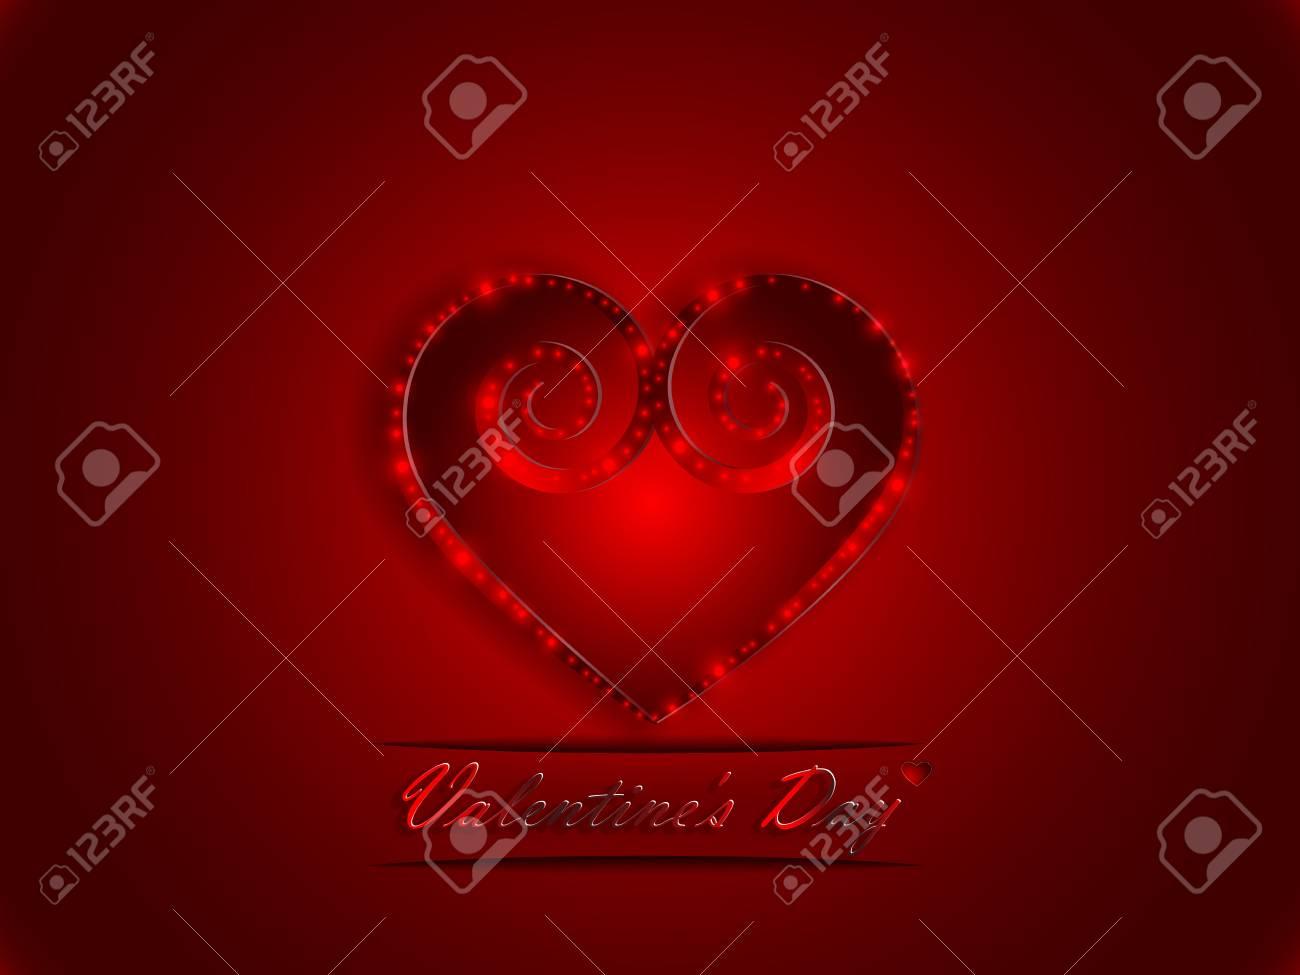 Großartig Malvorlagen Zum Valentinstag Fotos - Druckbare Malvorlagen ...